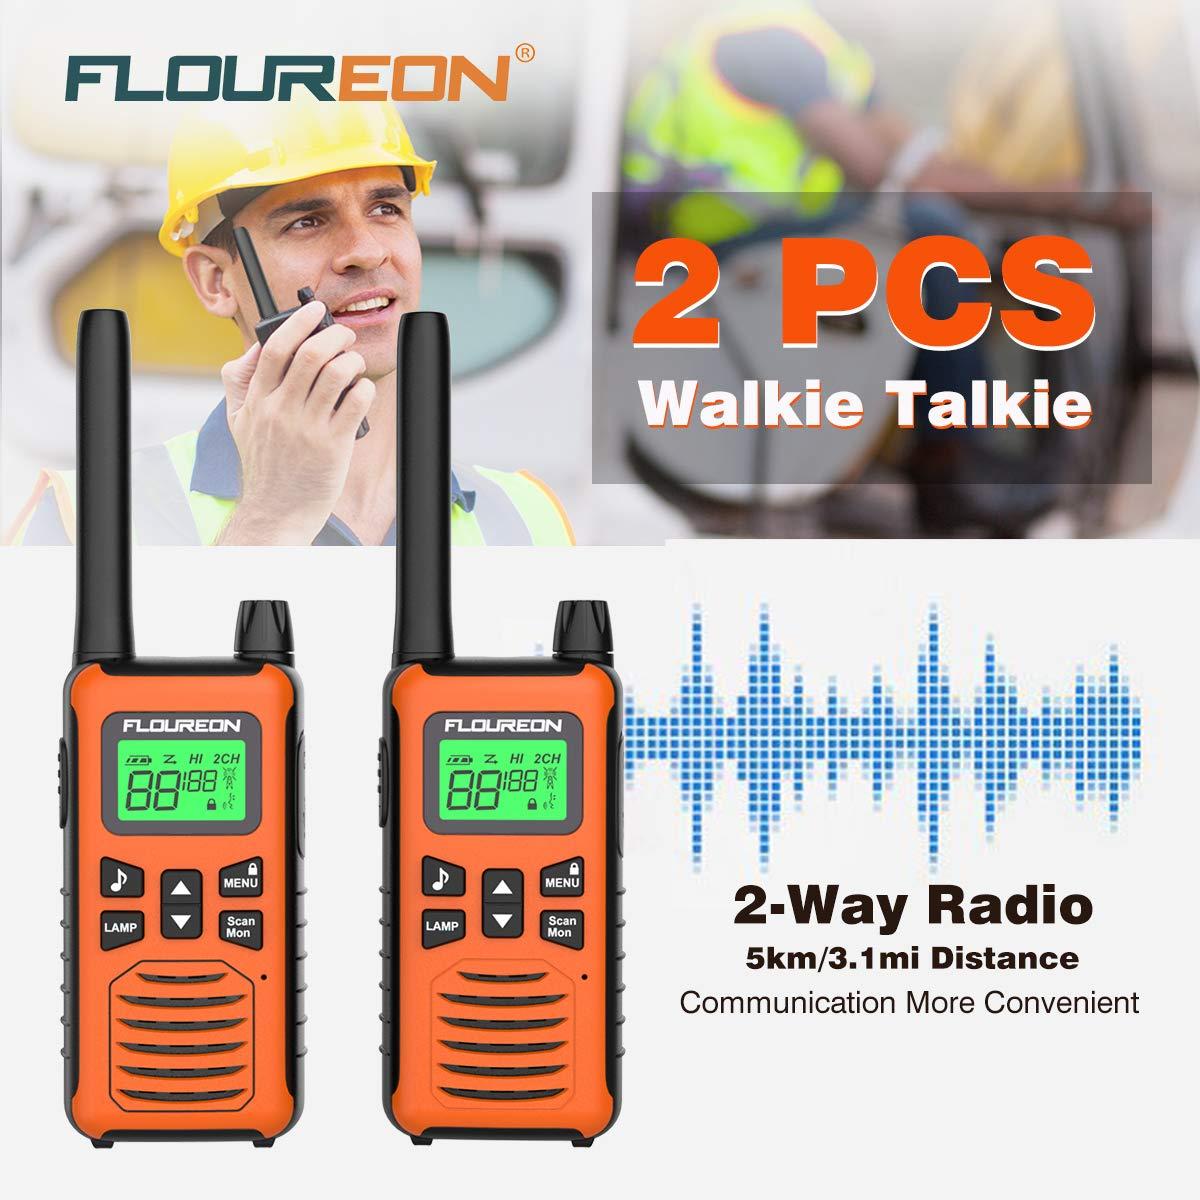 Walkie Talkies, FLOUREON 2 Pack 5KM Rango de 16 Canales, Radio de 2 vías con Pantalla LCD para Supermercado/Hogar/Actividad de Interior o al Aire Libre (Naranja)